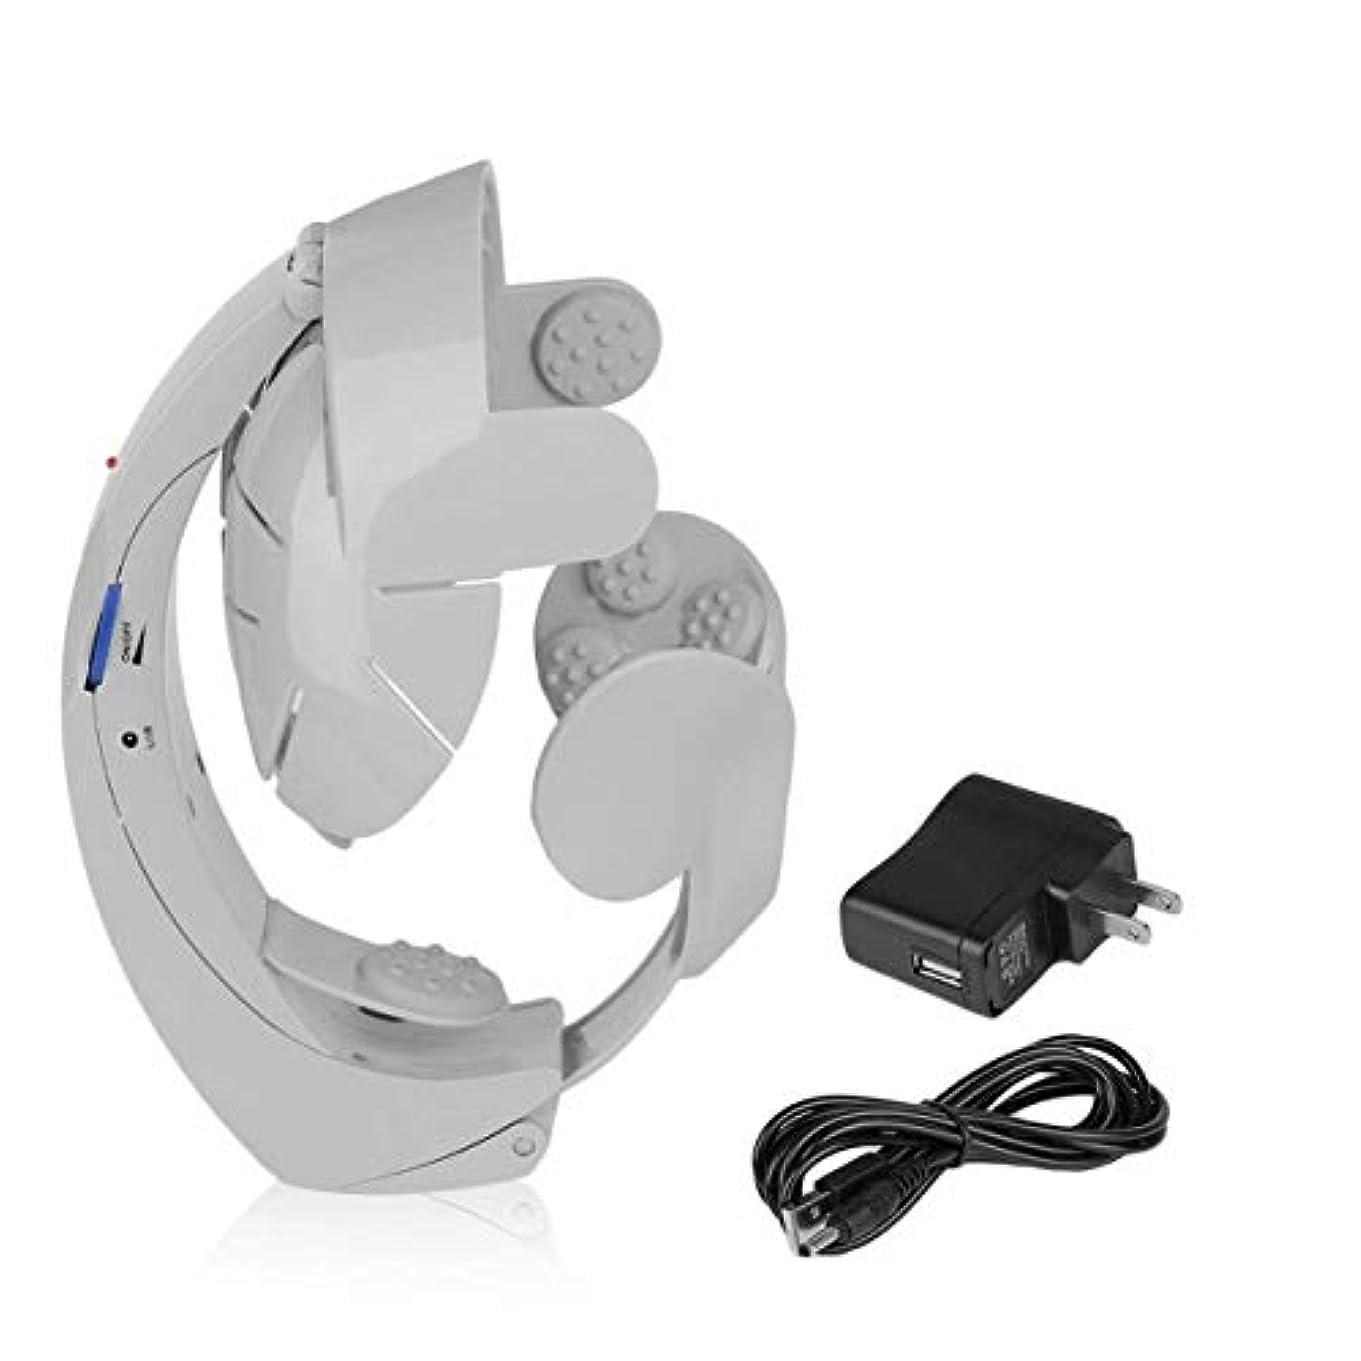 煙突油原理ヒューマノイドデザイン電動ヘッドマッサージ脳のマッサージリラックス簡単な鍼治療ファッションスタイルヘルスケアサプライ